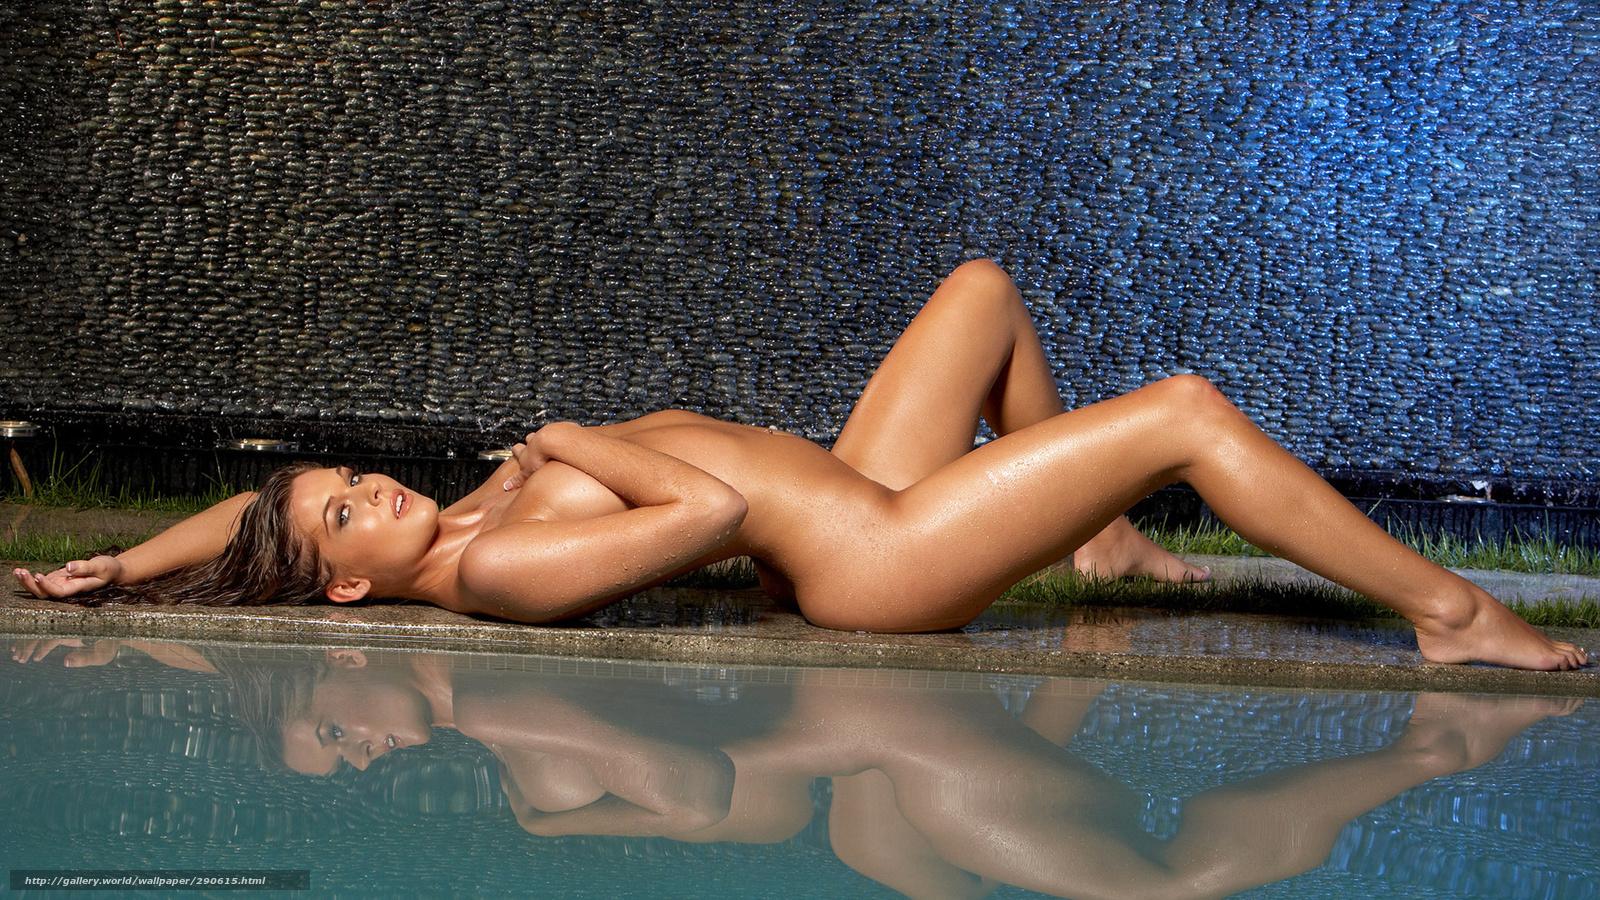 фото hd девушки голые красивые